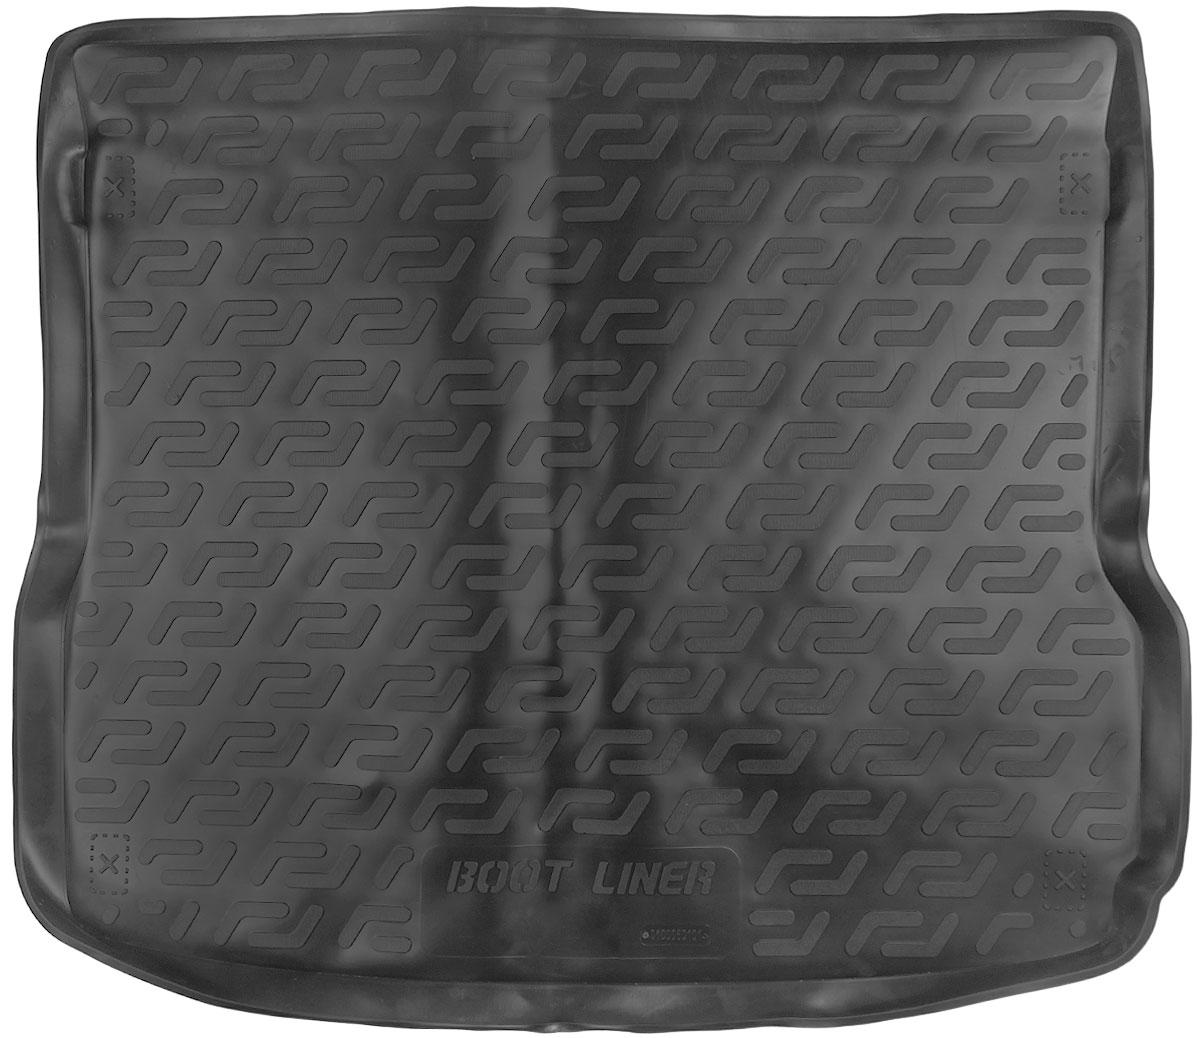 Коврик в багажник L.Locker, для Audi Q5 (08-)0100060101Коврик L.Locker производится индивидуально для каждой модели автомобиля из современного и экологически чистого материала. Изделие точно повторяет геометрию пола автомобиля, имеет высокий борт, обладает повышенной износоустойчивостью, антискользящими свойствами, лишен резкого запаха и сохраняет свои потребительские свойства в широком диапазоне температур (от -50°С до +80°С).